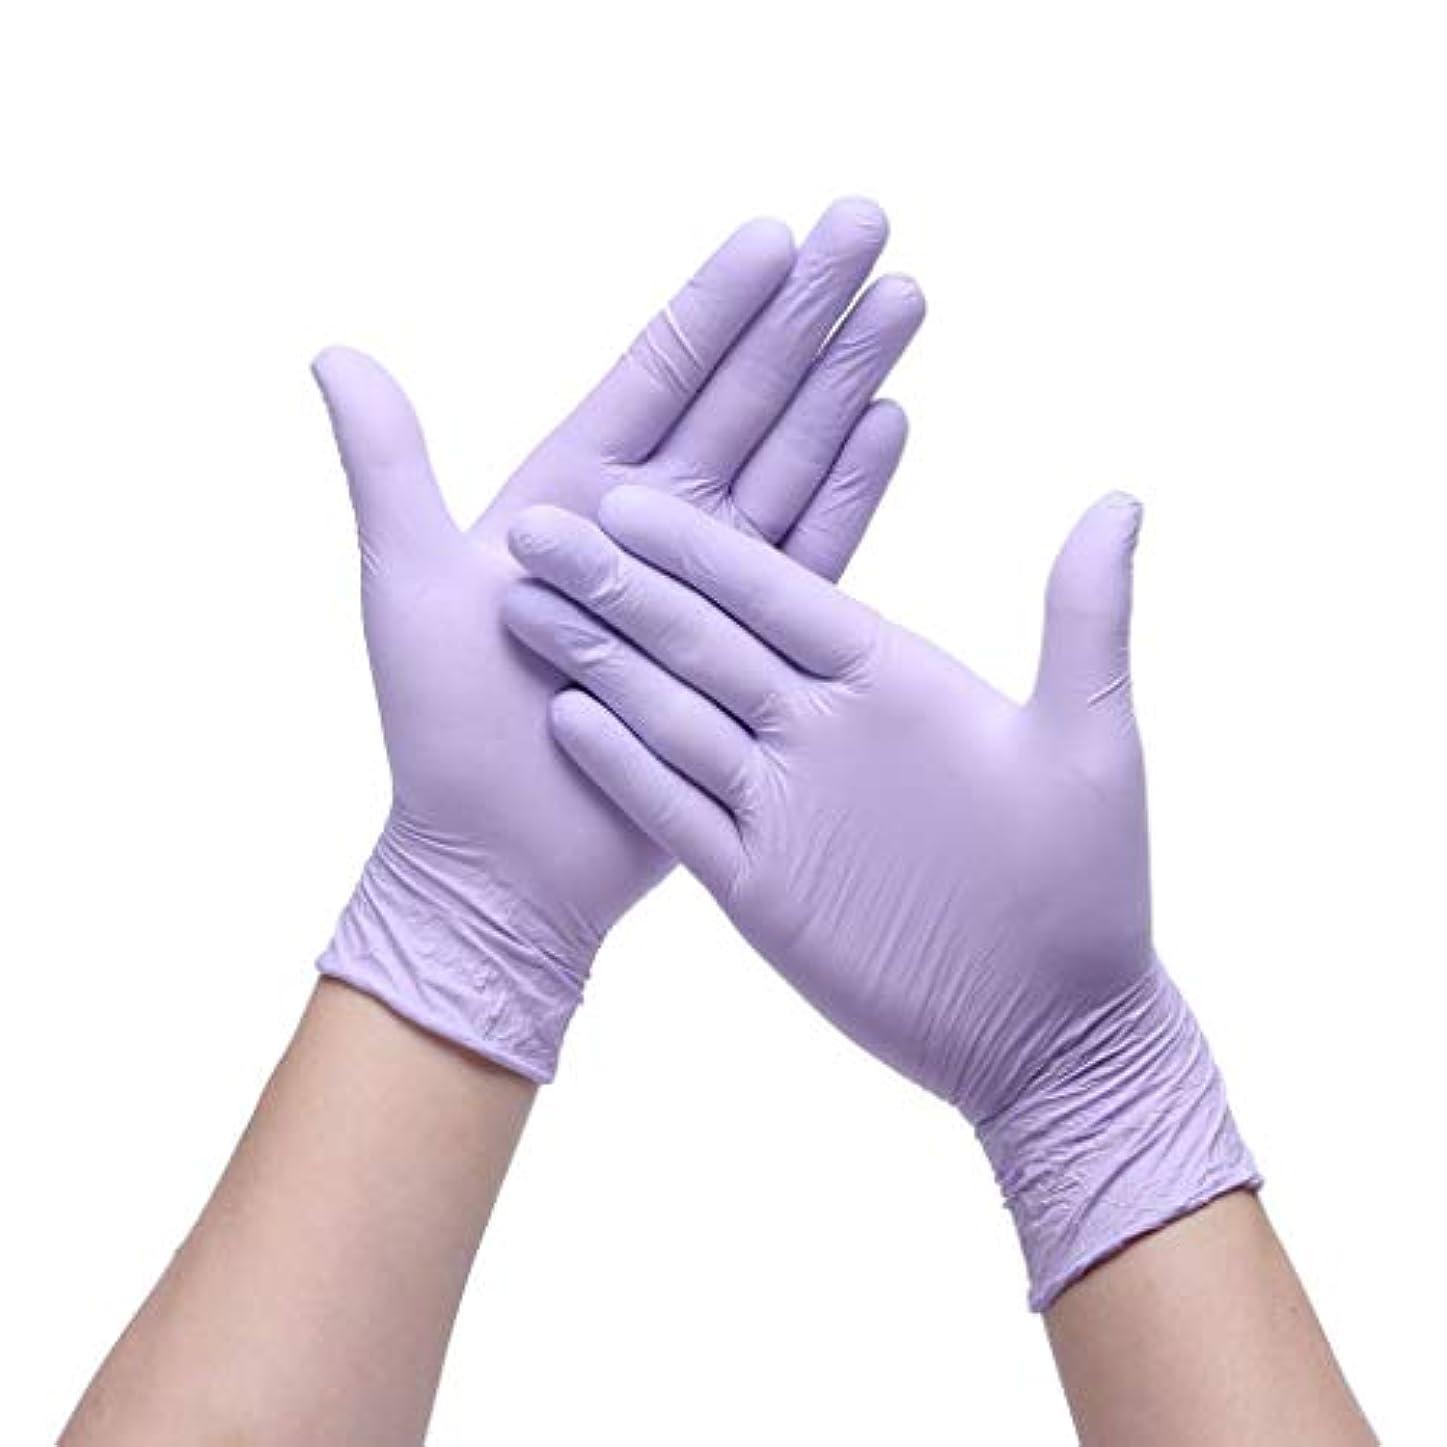 繁雑寄付家事ニトリル試験パウダーフリー手袋 - 使い捨て食品グレードピンク手袋、ラテックス - 無料、無菌、便利なディスペンサーパック100個 (色 : 紫の, サイズ さいず : M m)